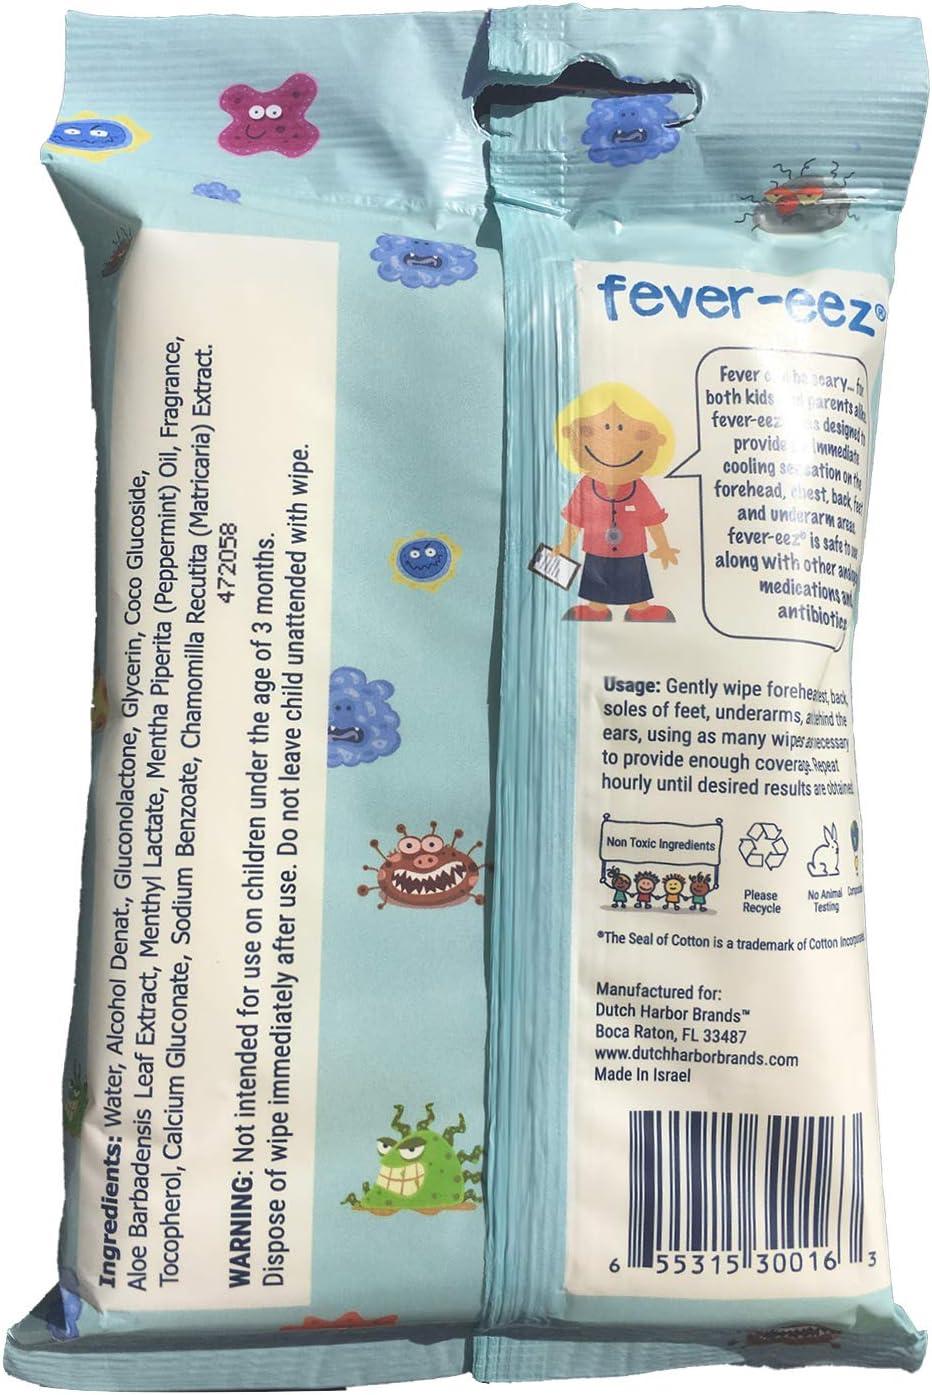 Natural Essentials Cool Care de tout Fever-Eez et corps de refroidissement lingettes pour les enfants et les b/éb/és 32 Count 1